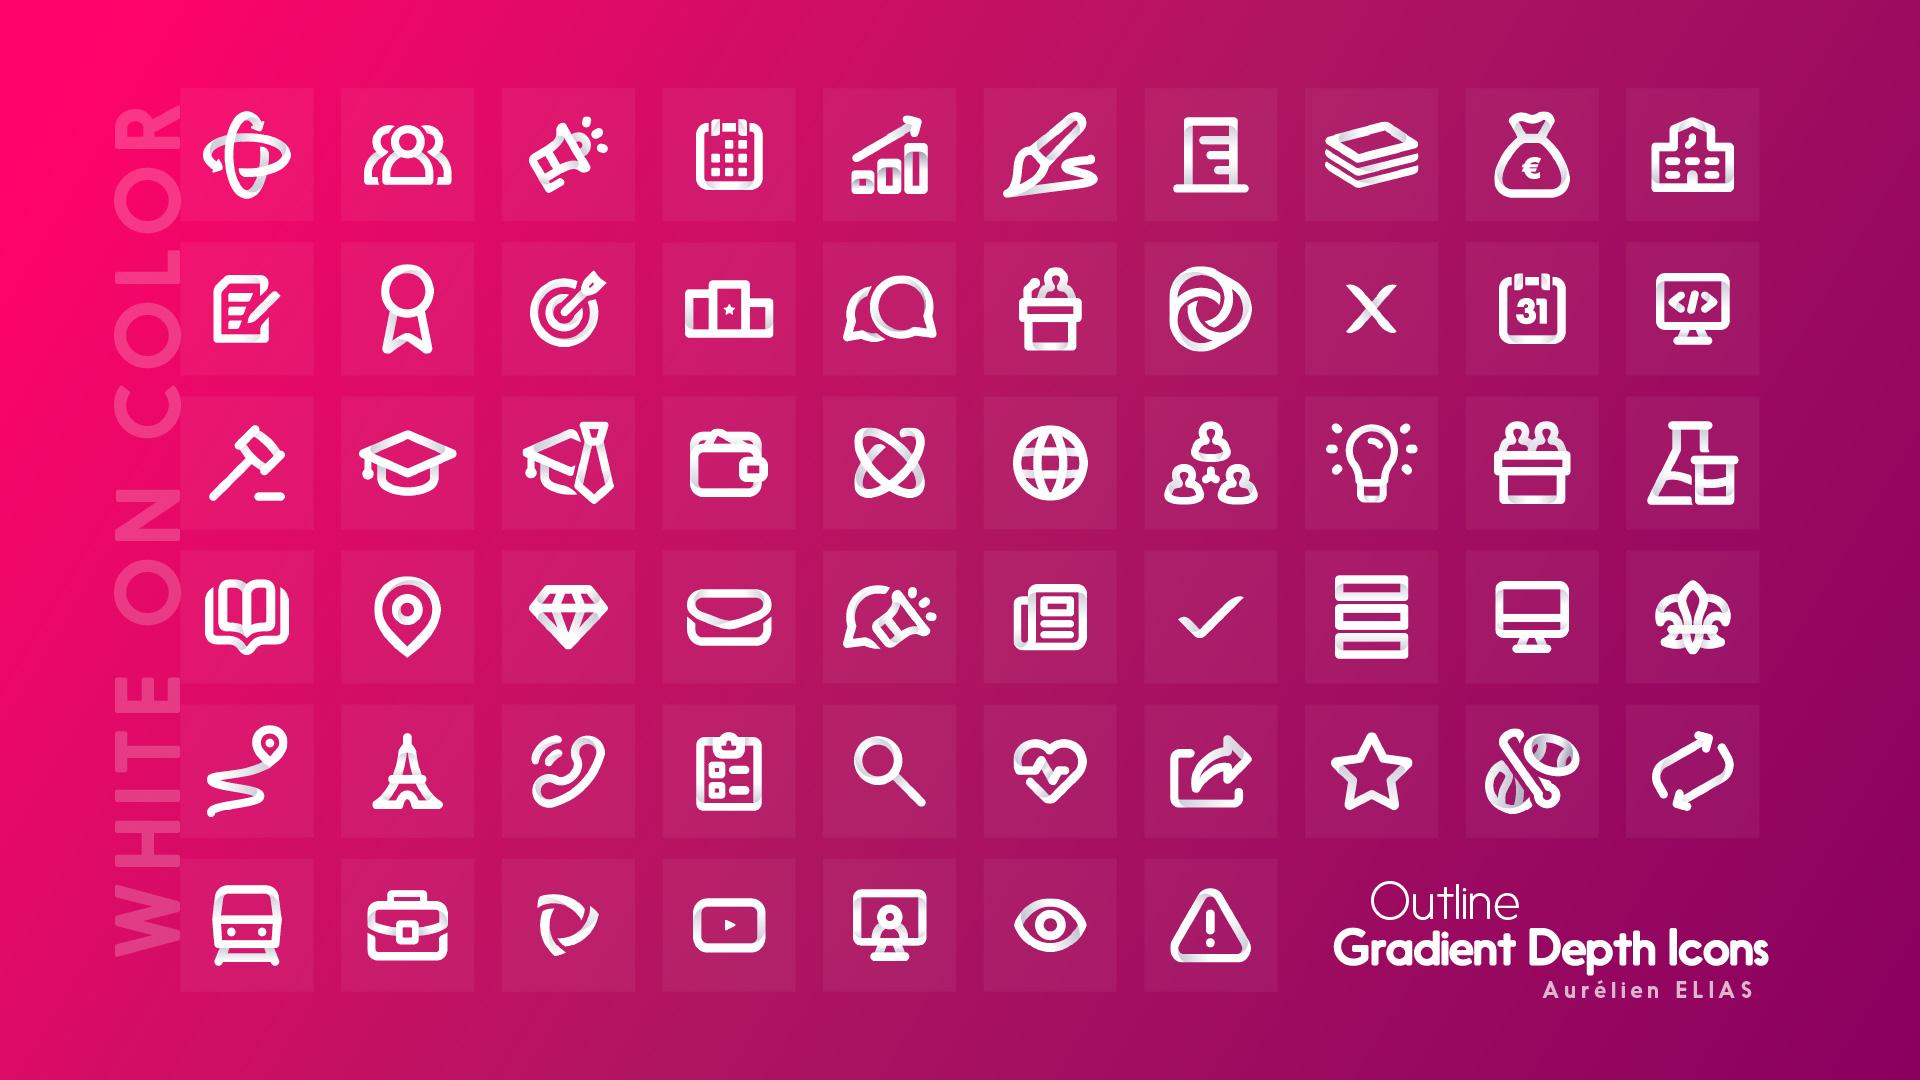 Plum pink icons - Outline Gradient Depth Icons by Aurélien Elias